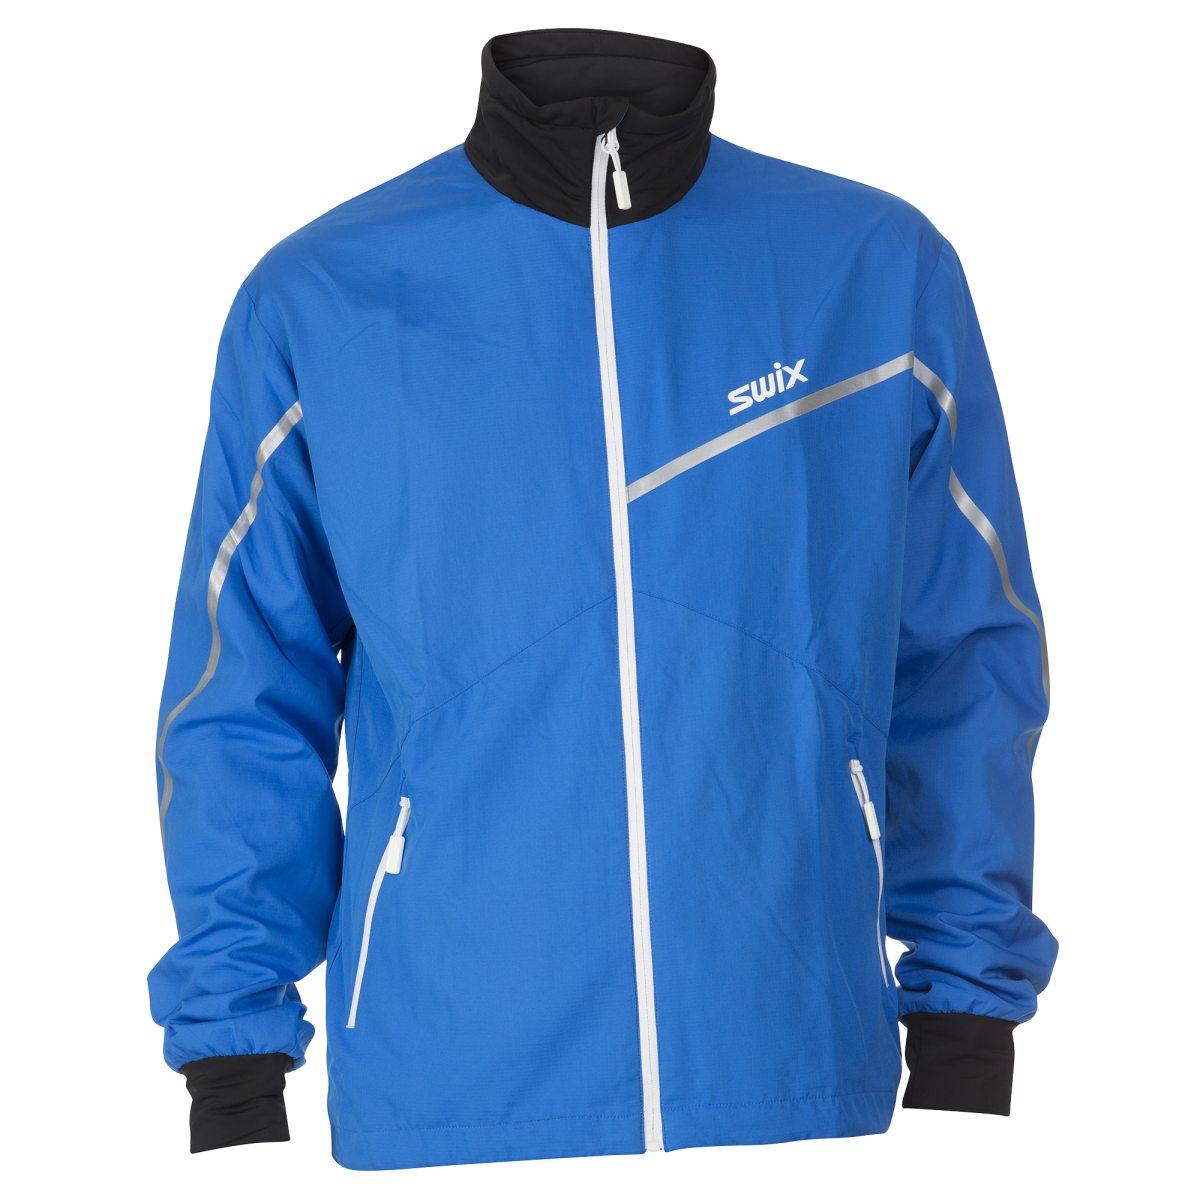 864d6f938c24 SWIX Куртки для беговых лыж купить в магазине Горные вершины в Санкт ...